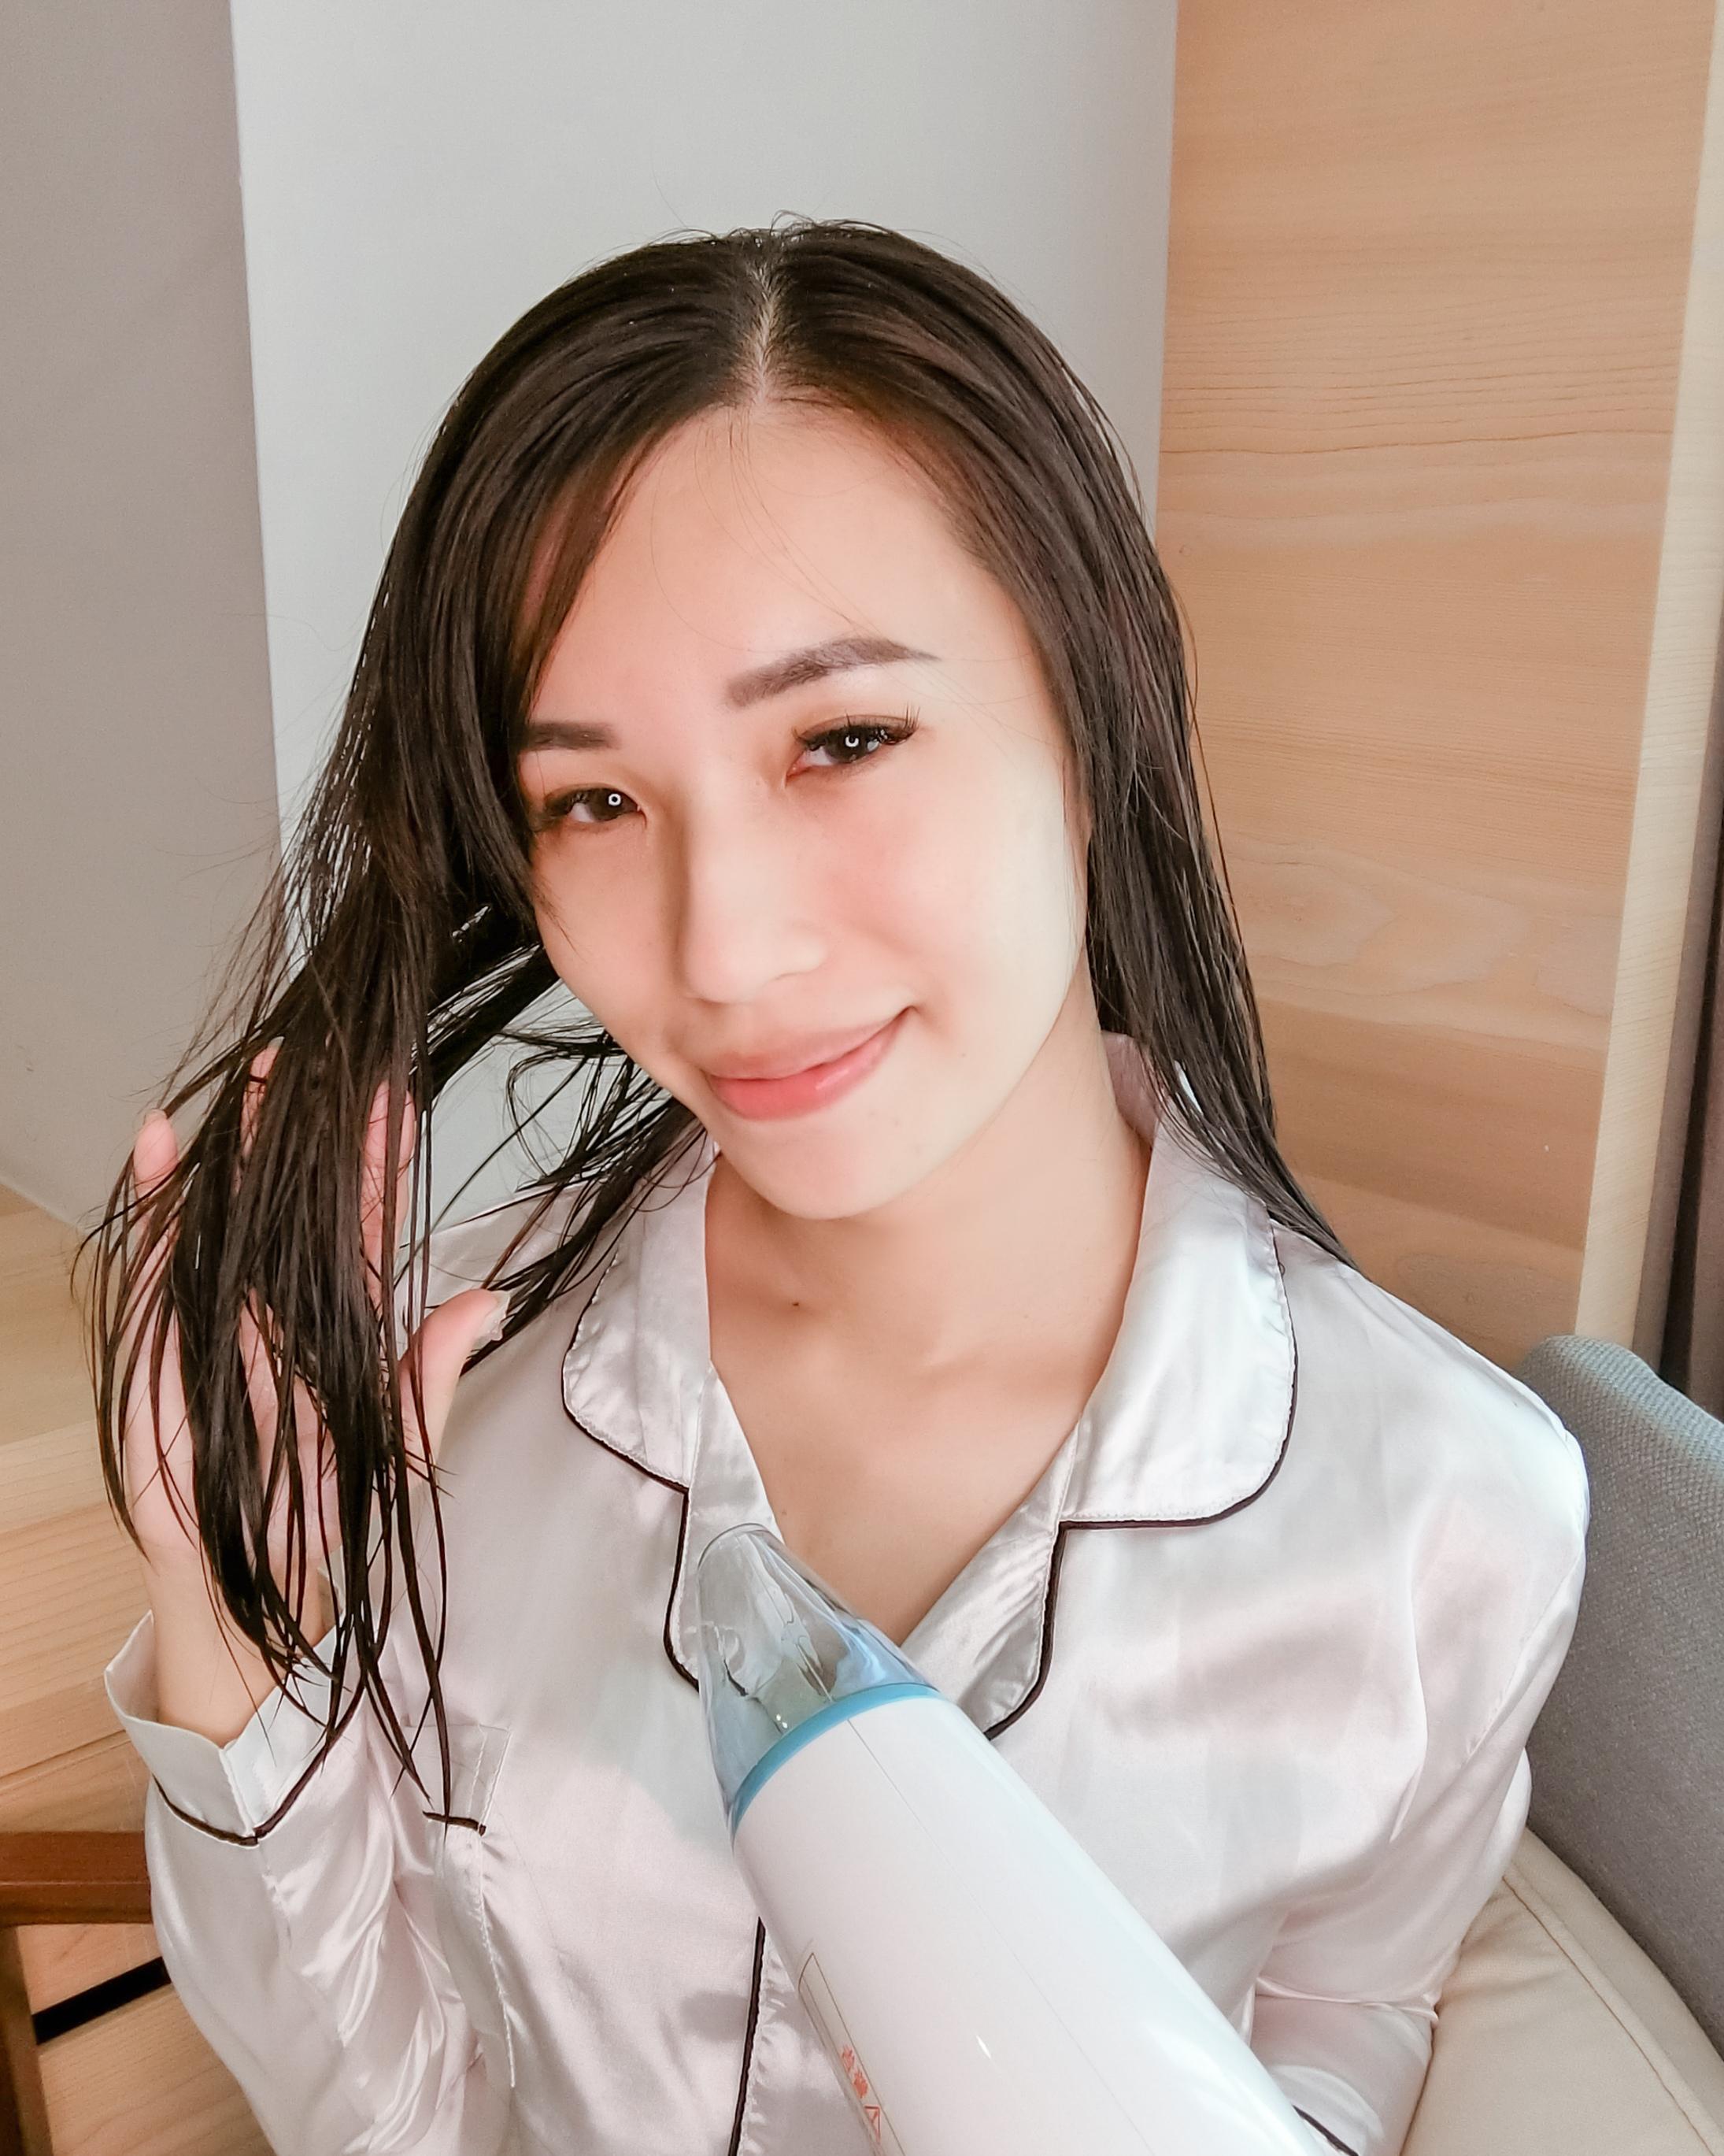 髮況皇后 LIKEY 萊客 洗髮精 護髮膜 精華露 打造輕柔秀髮三步驟17.JPG